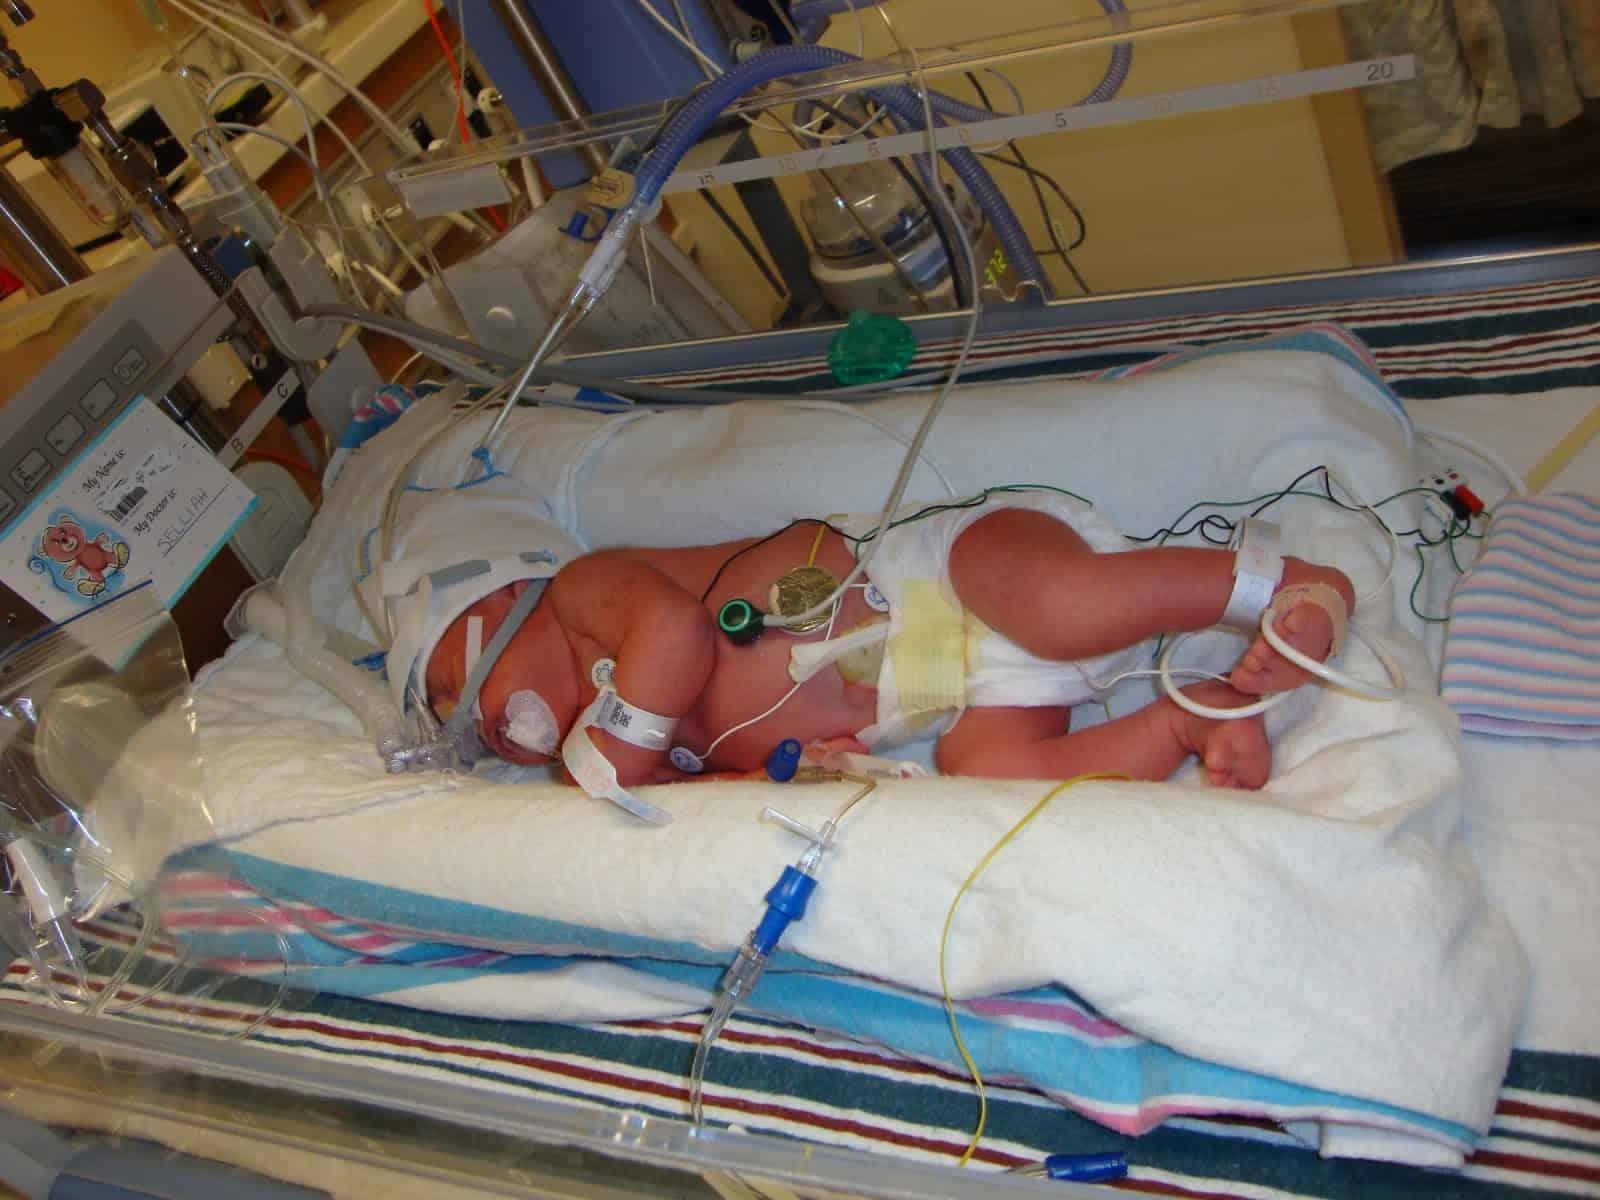 32 week preemie in NICU